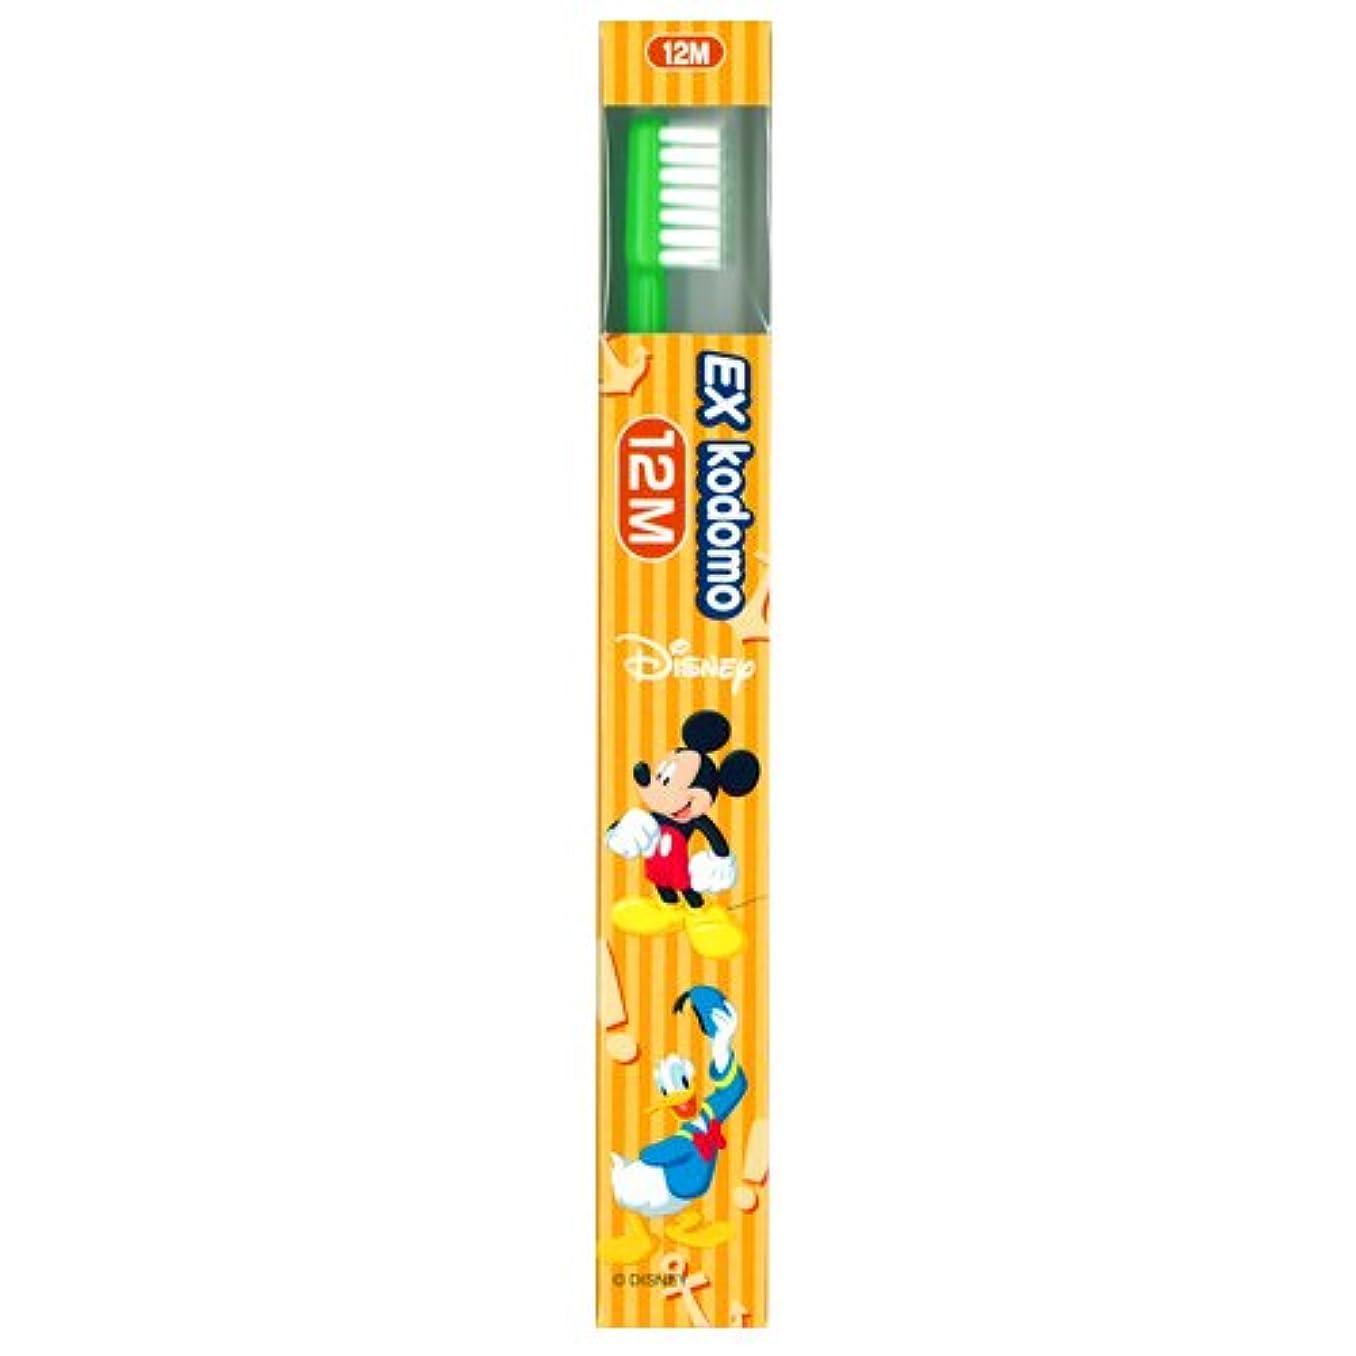 修正最終的にマーチャンダイザーライオン EX kodomo ディズニー 歯ブラシ 1本 12M グリーン